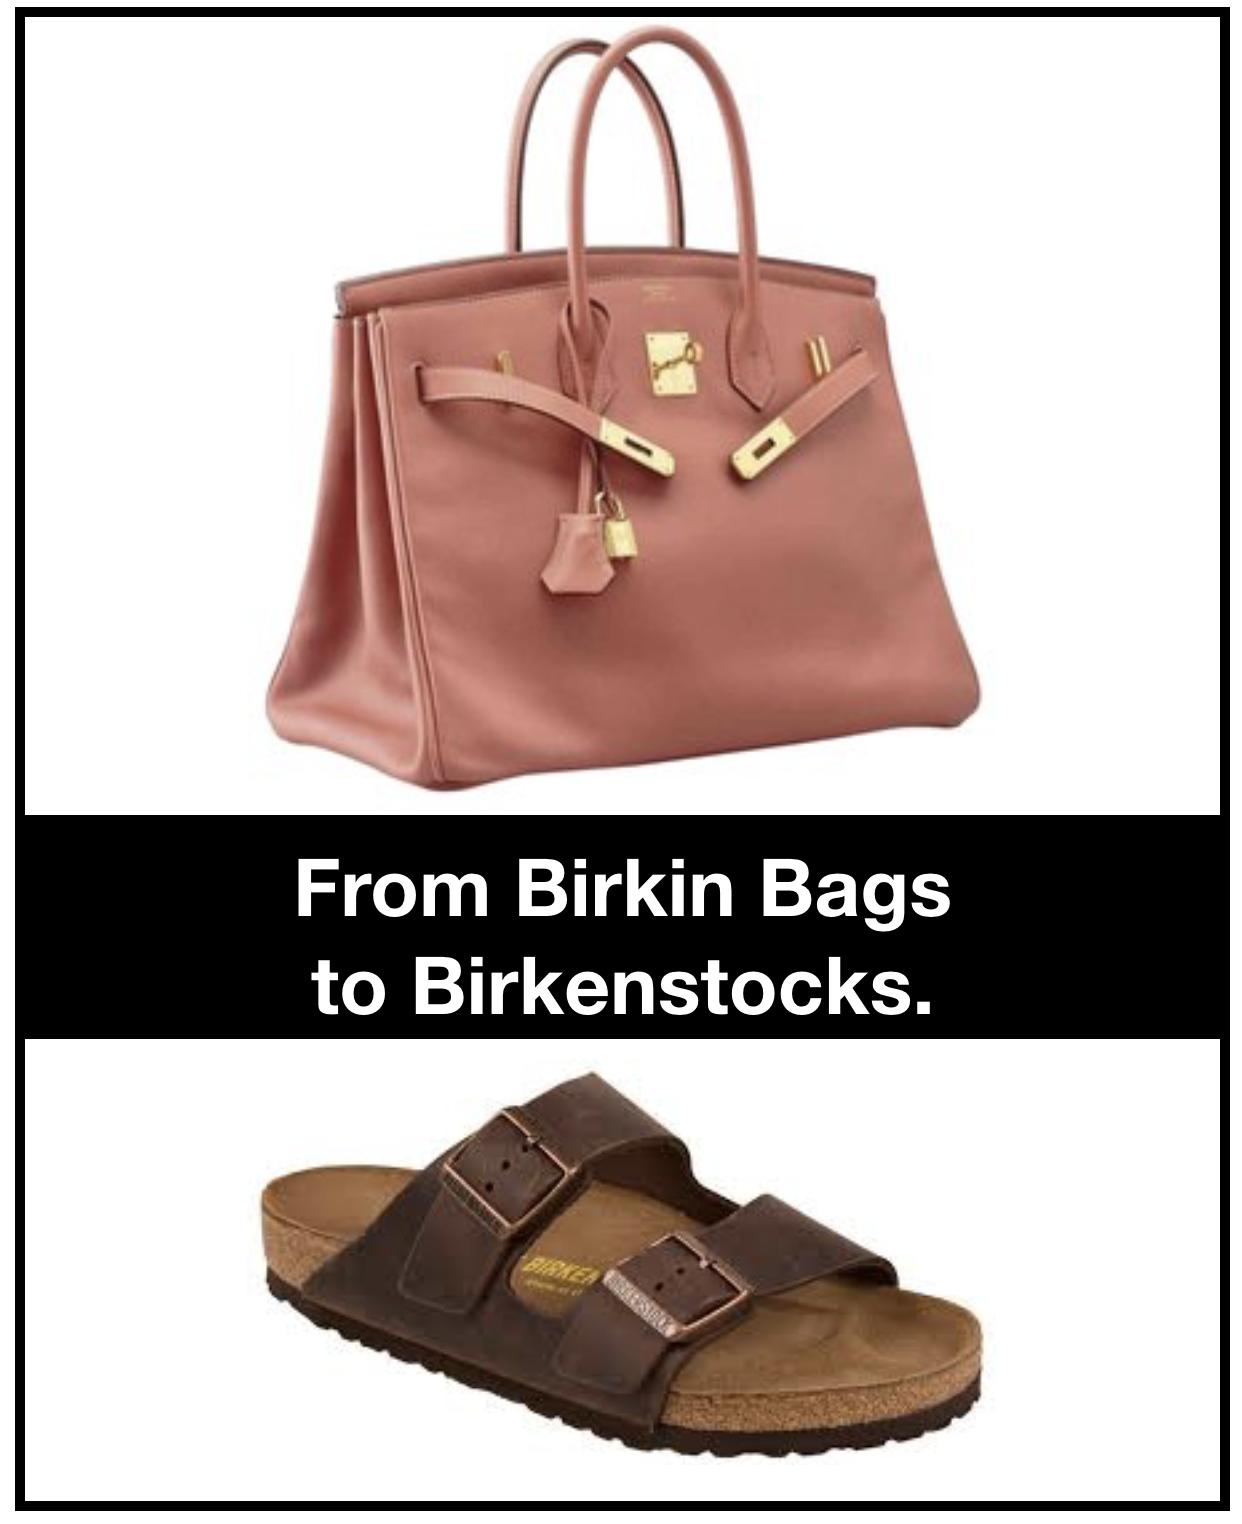 Birken Bags to Birkenstocks